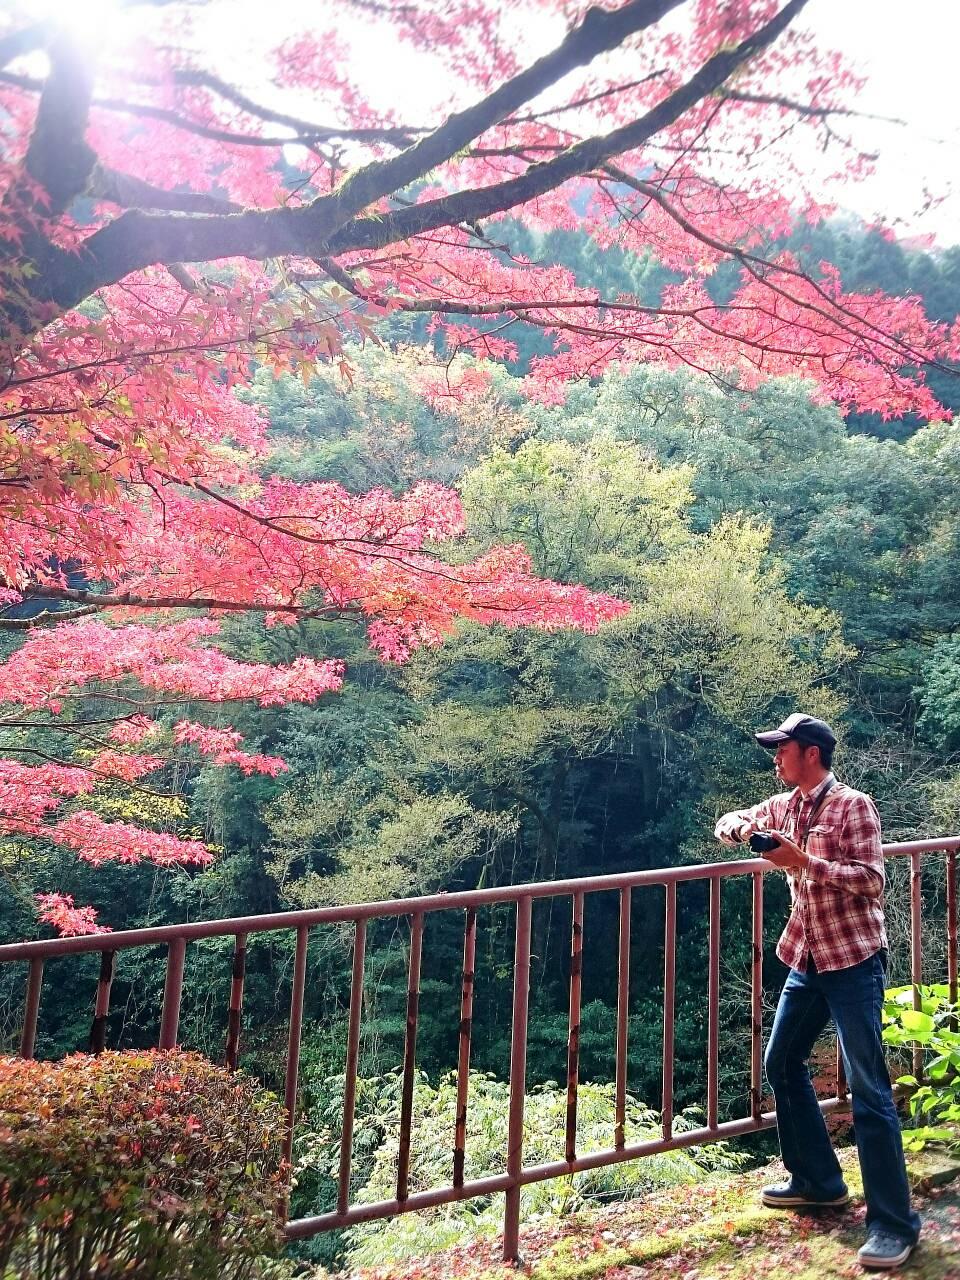 紅葉狩りにおすすめ!!菊池渓谷と菊池、阿蘇スカイラインの紅葉の穴場スポットを紹介!その2_a0254656_18481869.jpg